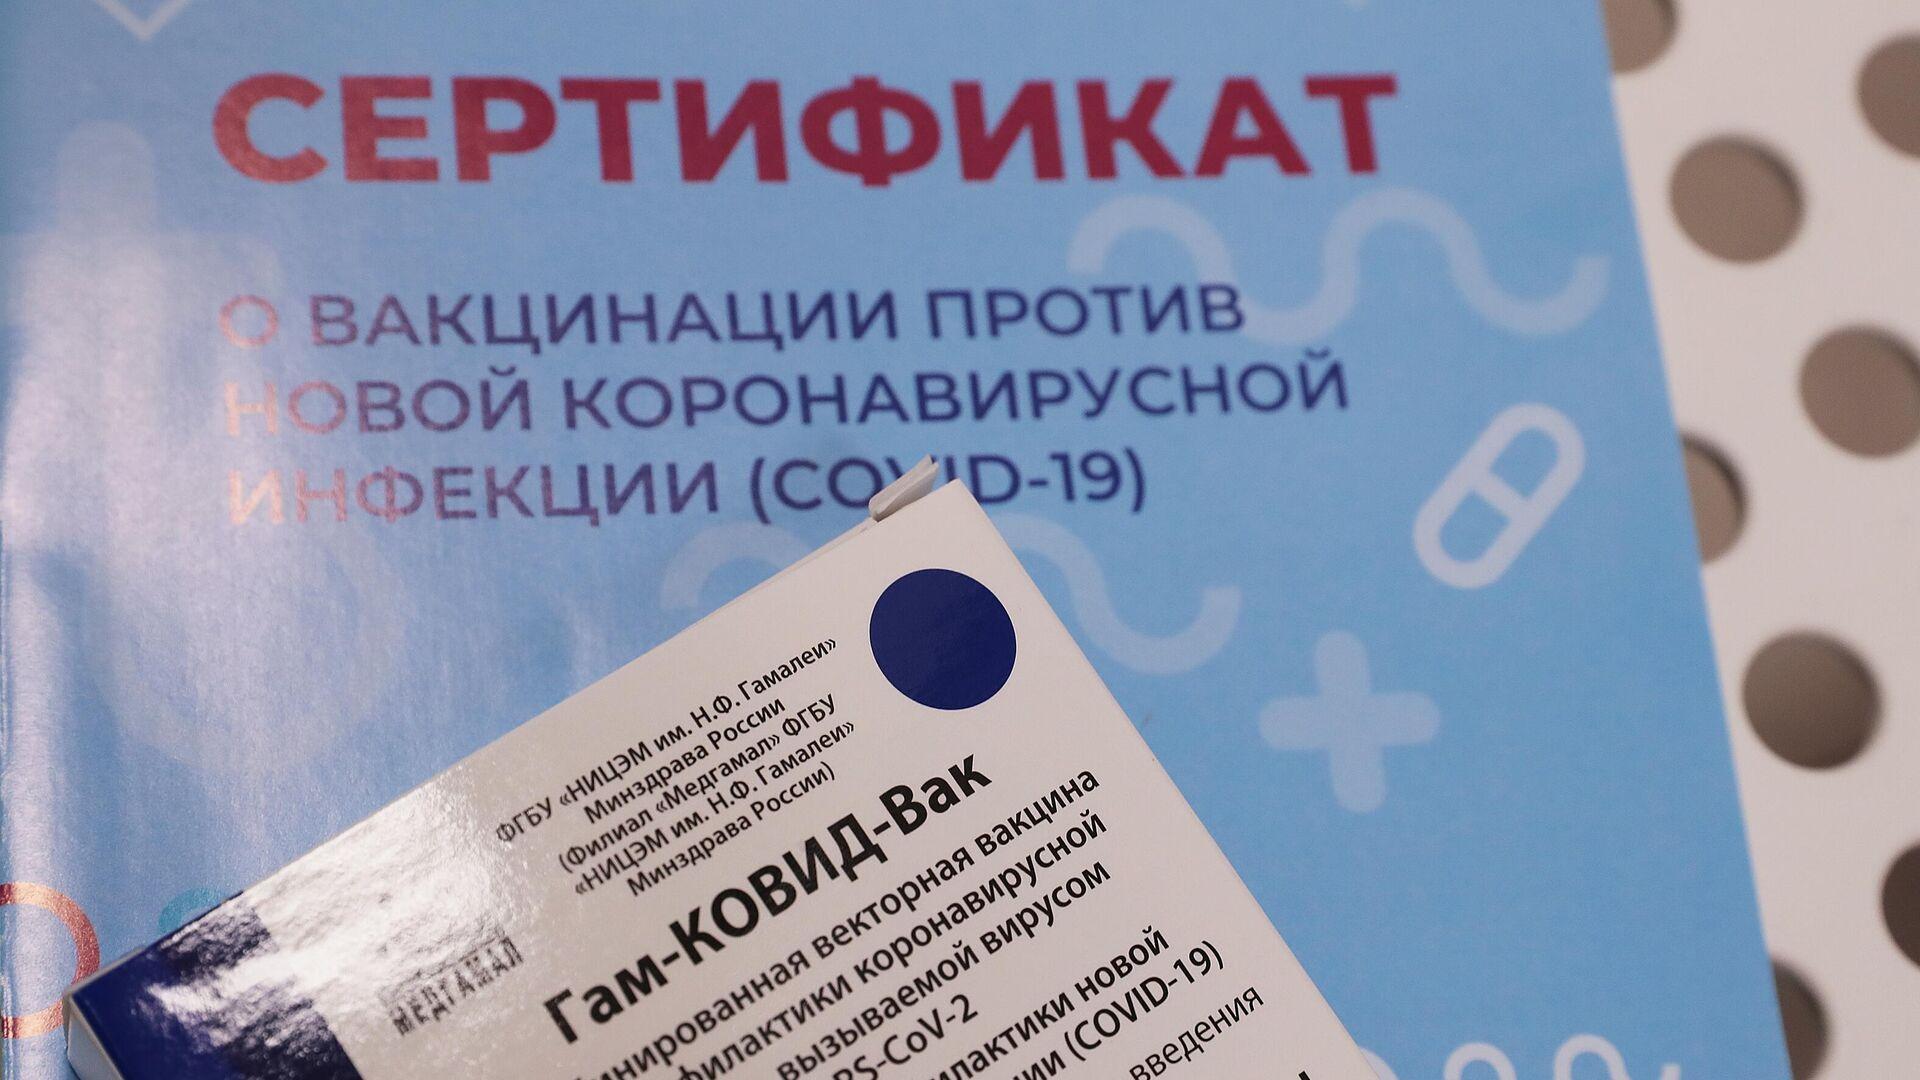 Сертификат о вакцинации от COVID-19 и упаковка российского препарата Гам-Ковид-Вак (Спутник V) в специализированном пункте в торговом центре Калейдоскоп в Москве - РИА Новости, 1920, 31.05.2021